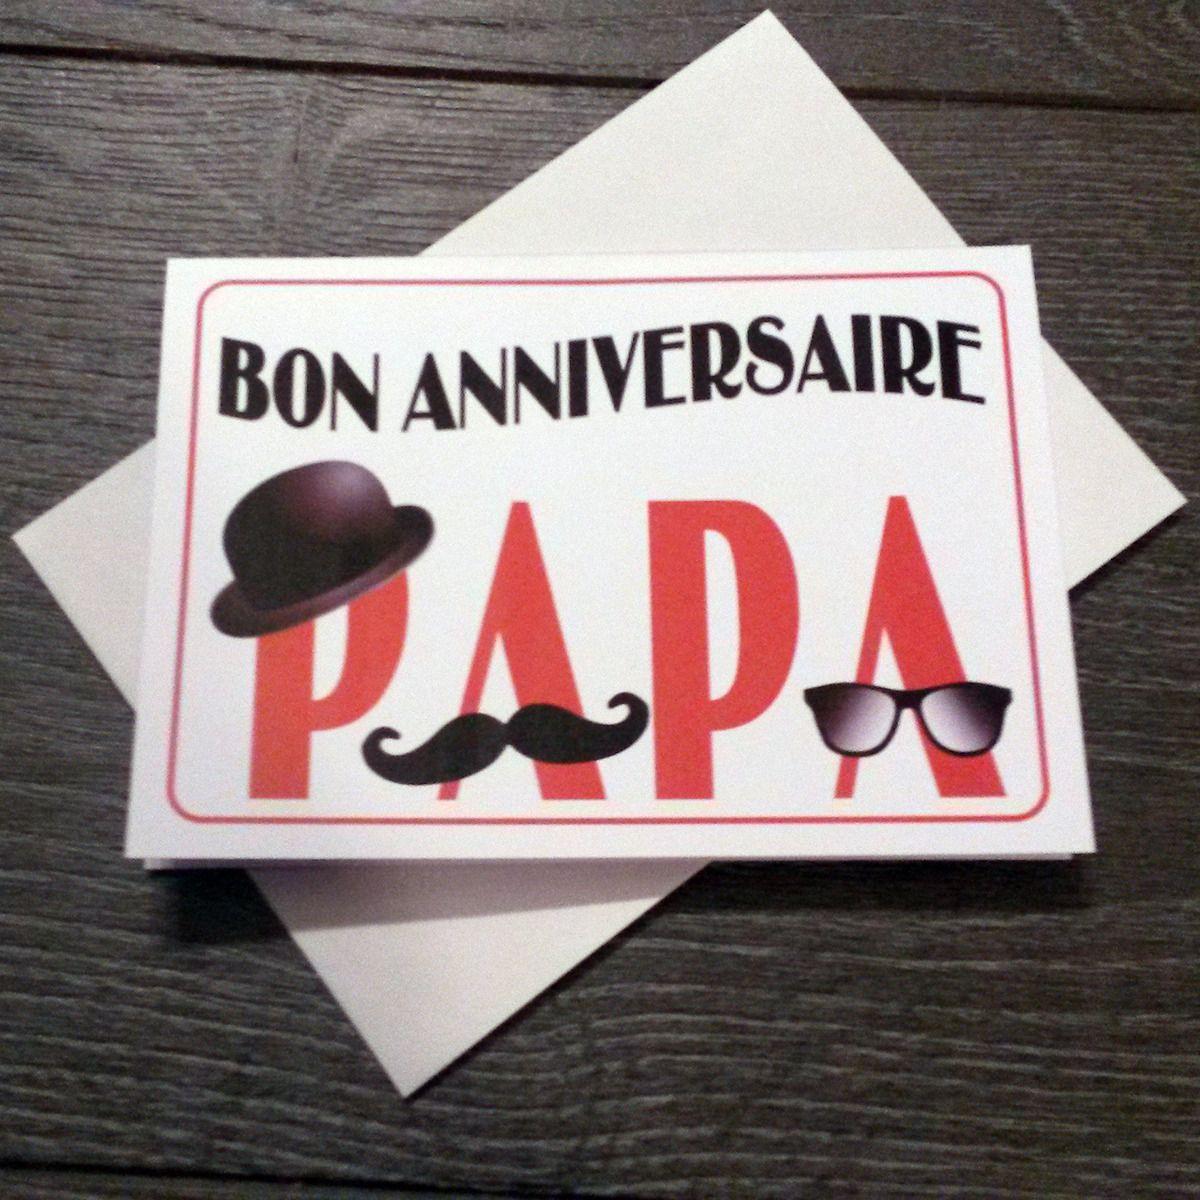 anniversaire bon papa